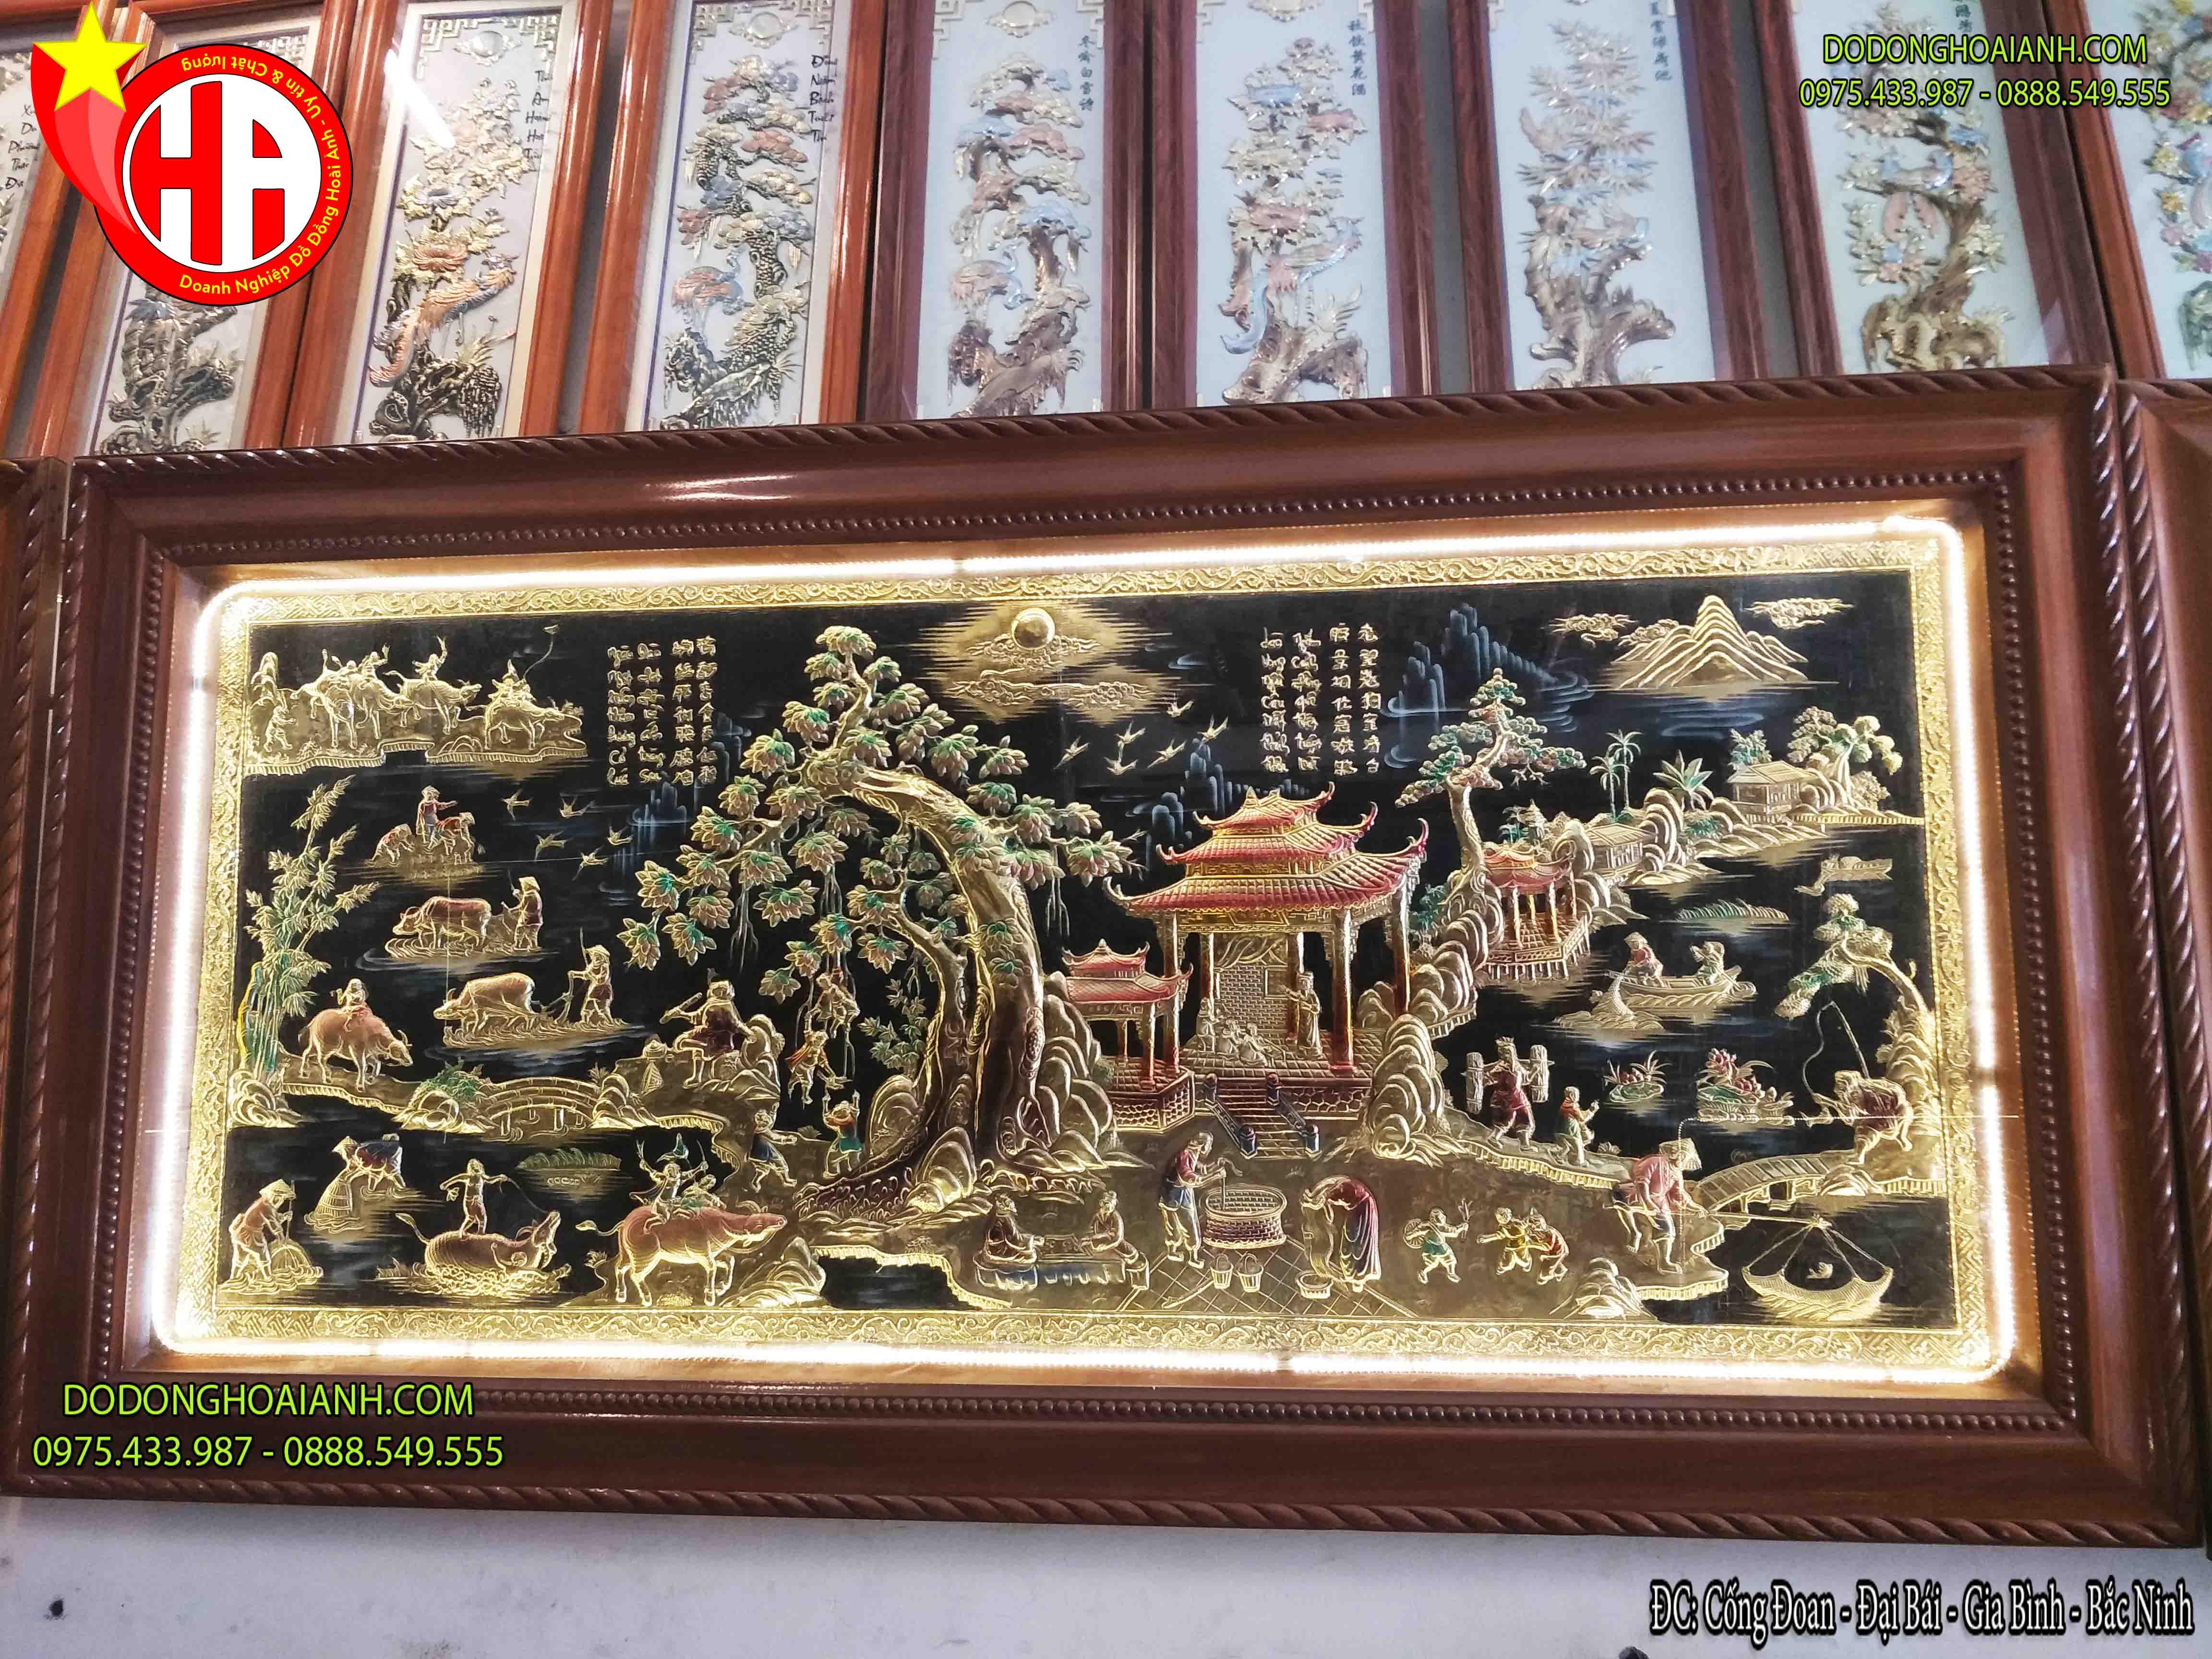 Tranh đồng đồng làng quê Việt Nam nền đen khung xoắn 1m27 x 2m37